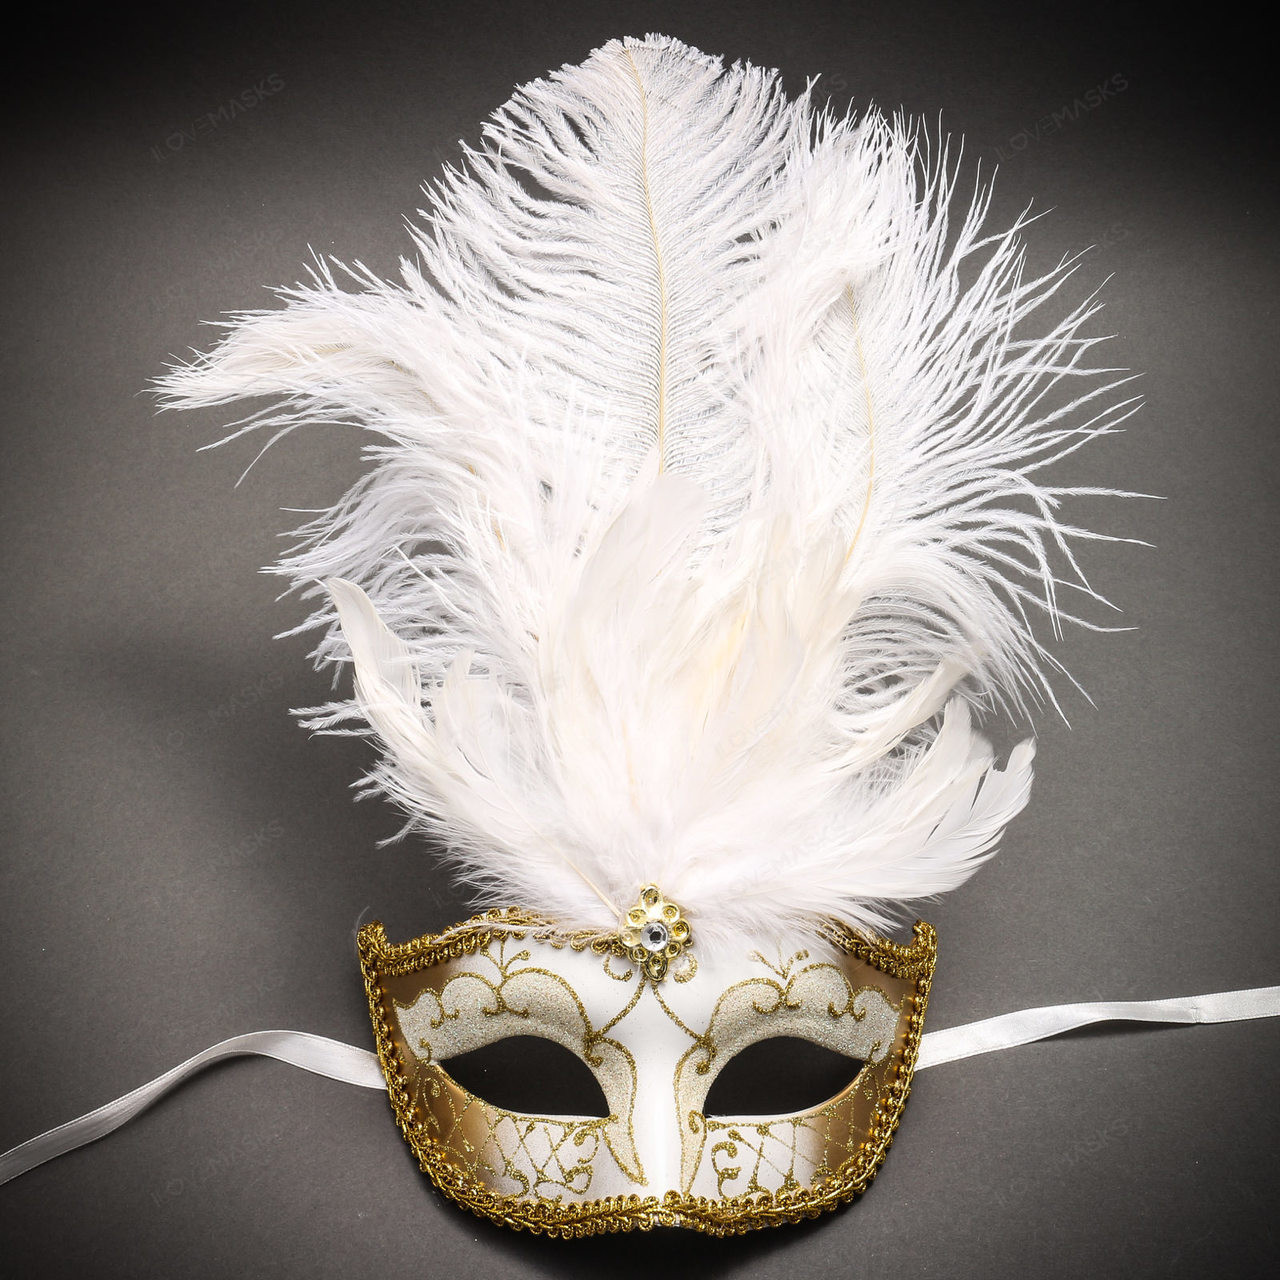 Mask for Women White Gold Masquerade Mask Luxury Women Mask Luxury Venetian Mask Party Event Masks Couple Mask Wedding Masquerade Mask